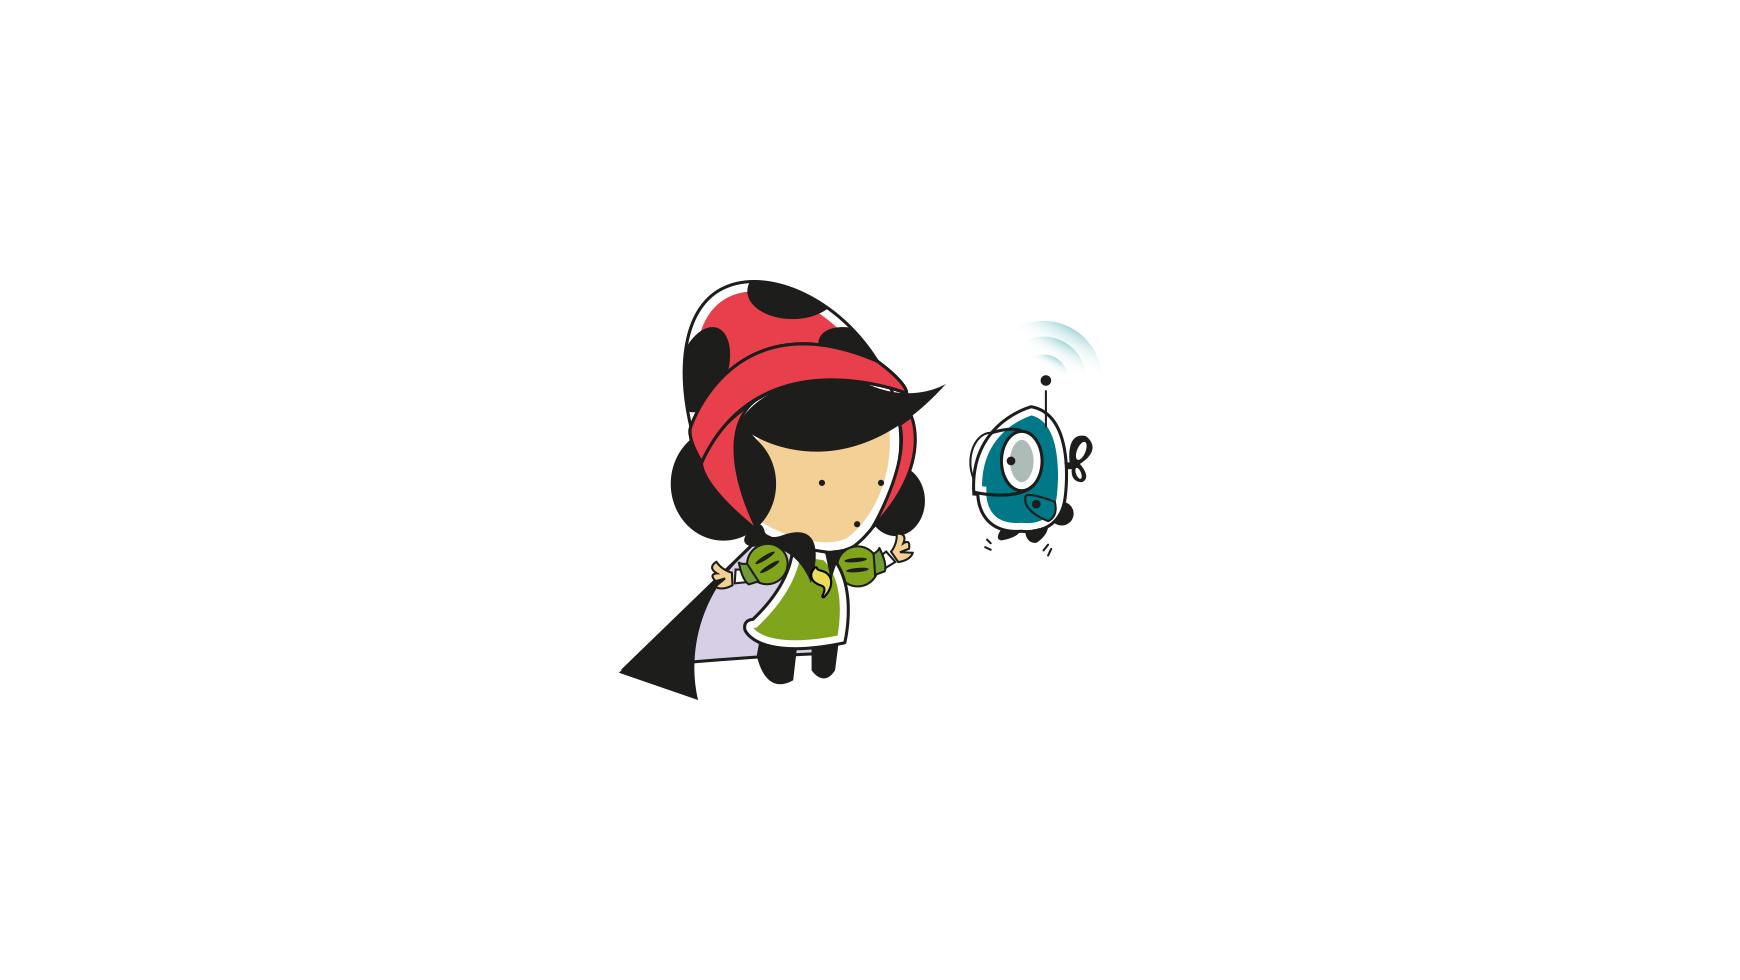 character-design-principessa